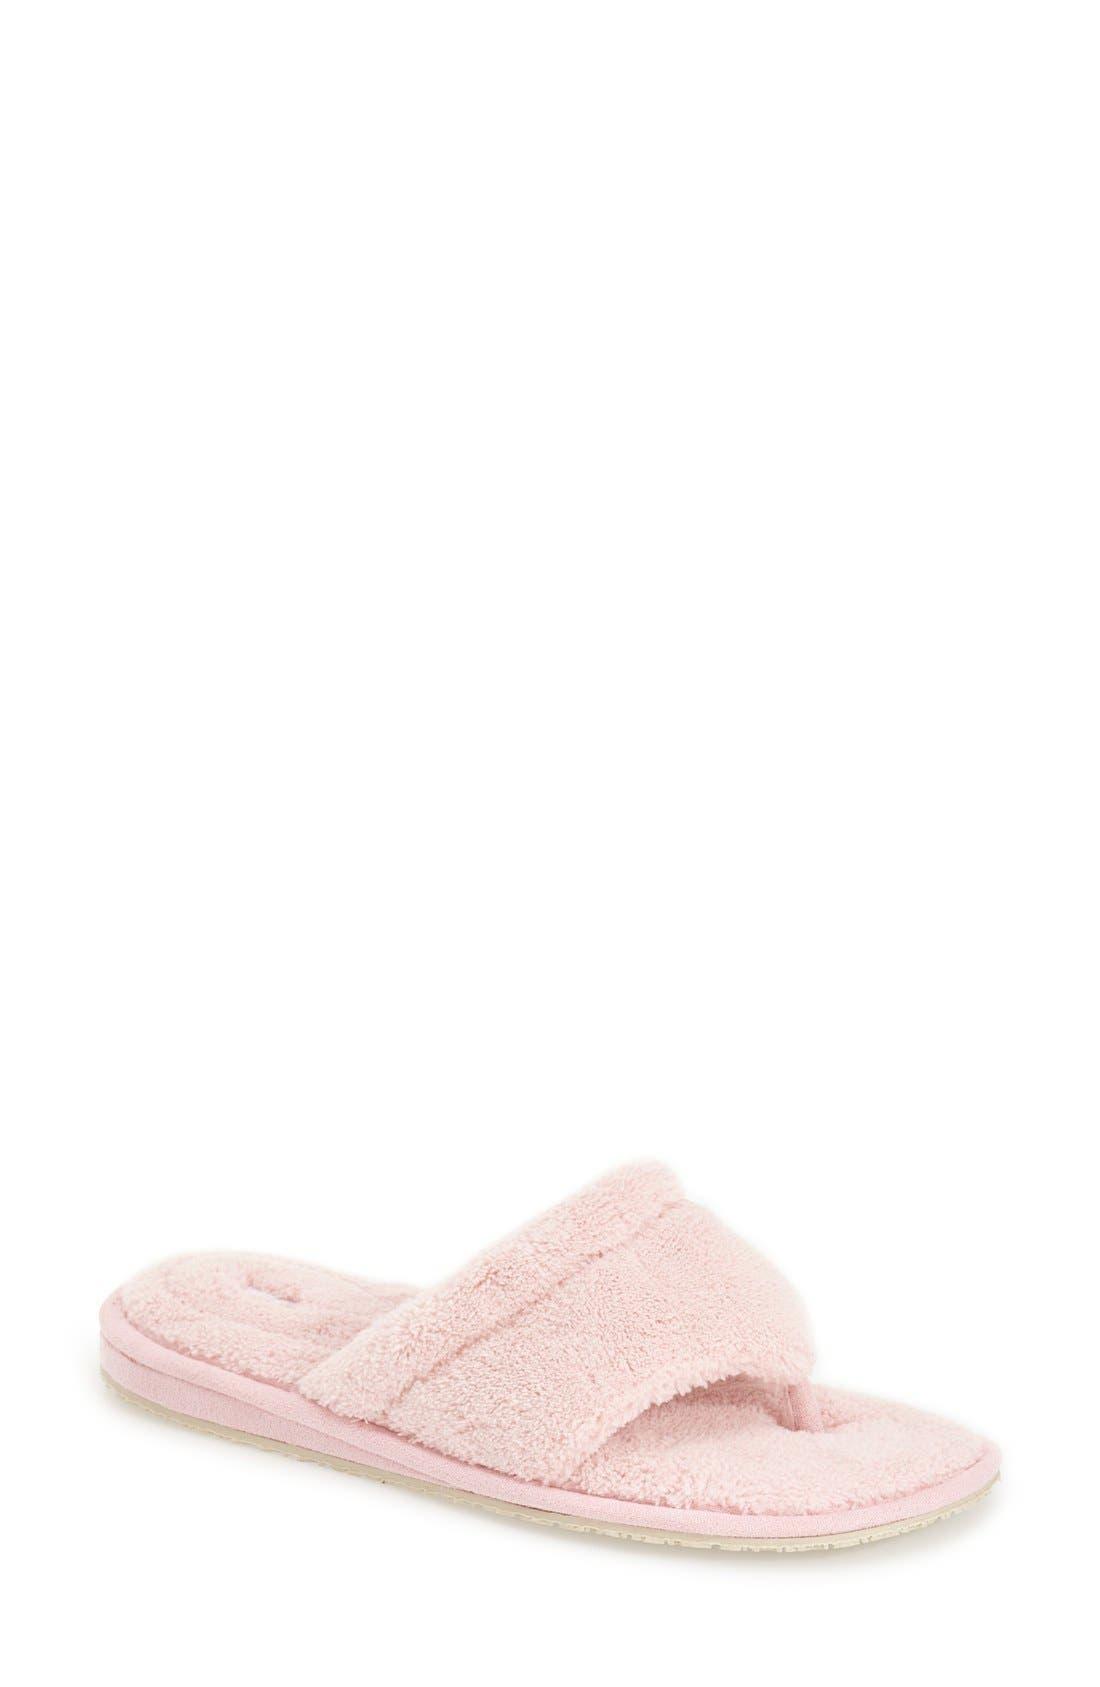 'Splash' Slipper,                             Main thumbnail 1, color,                             Pink